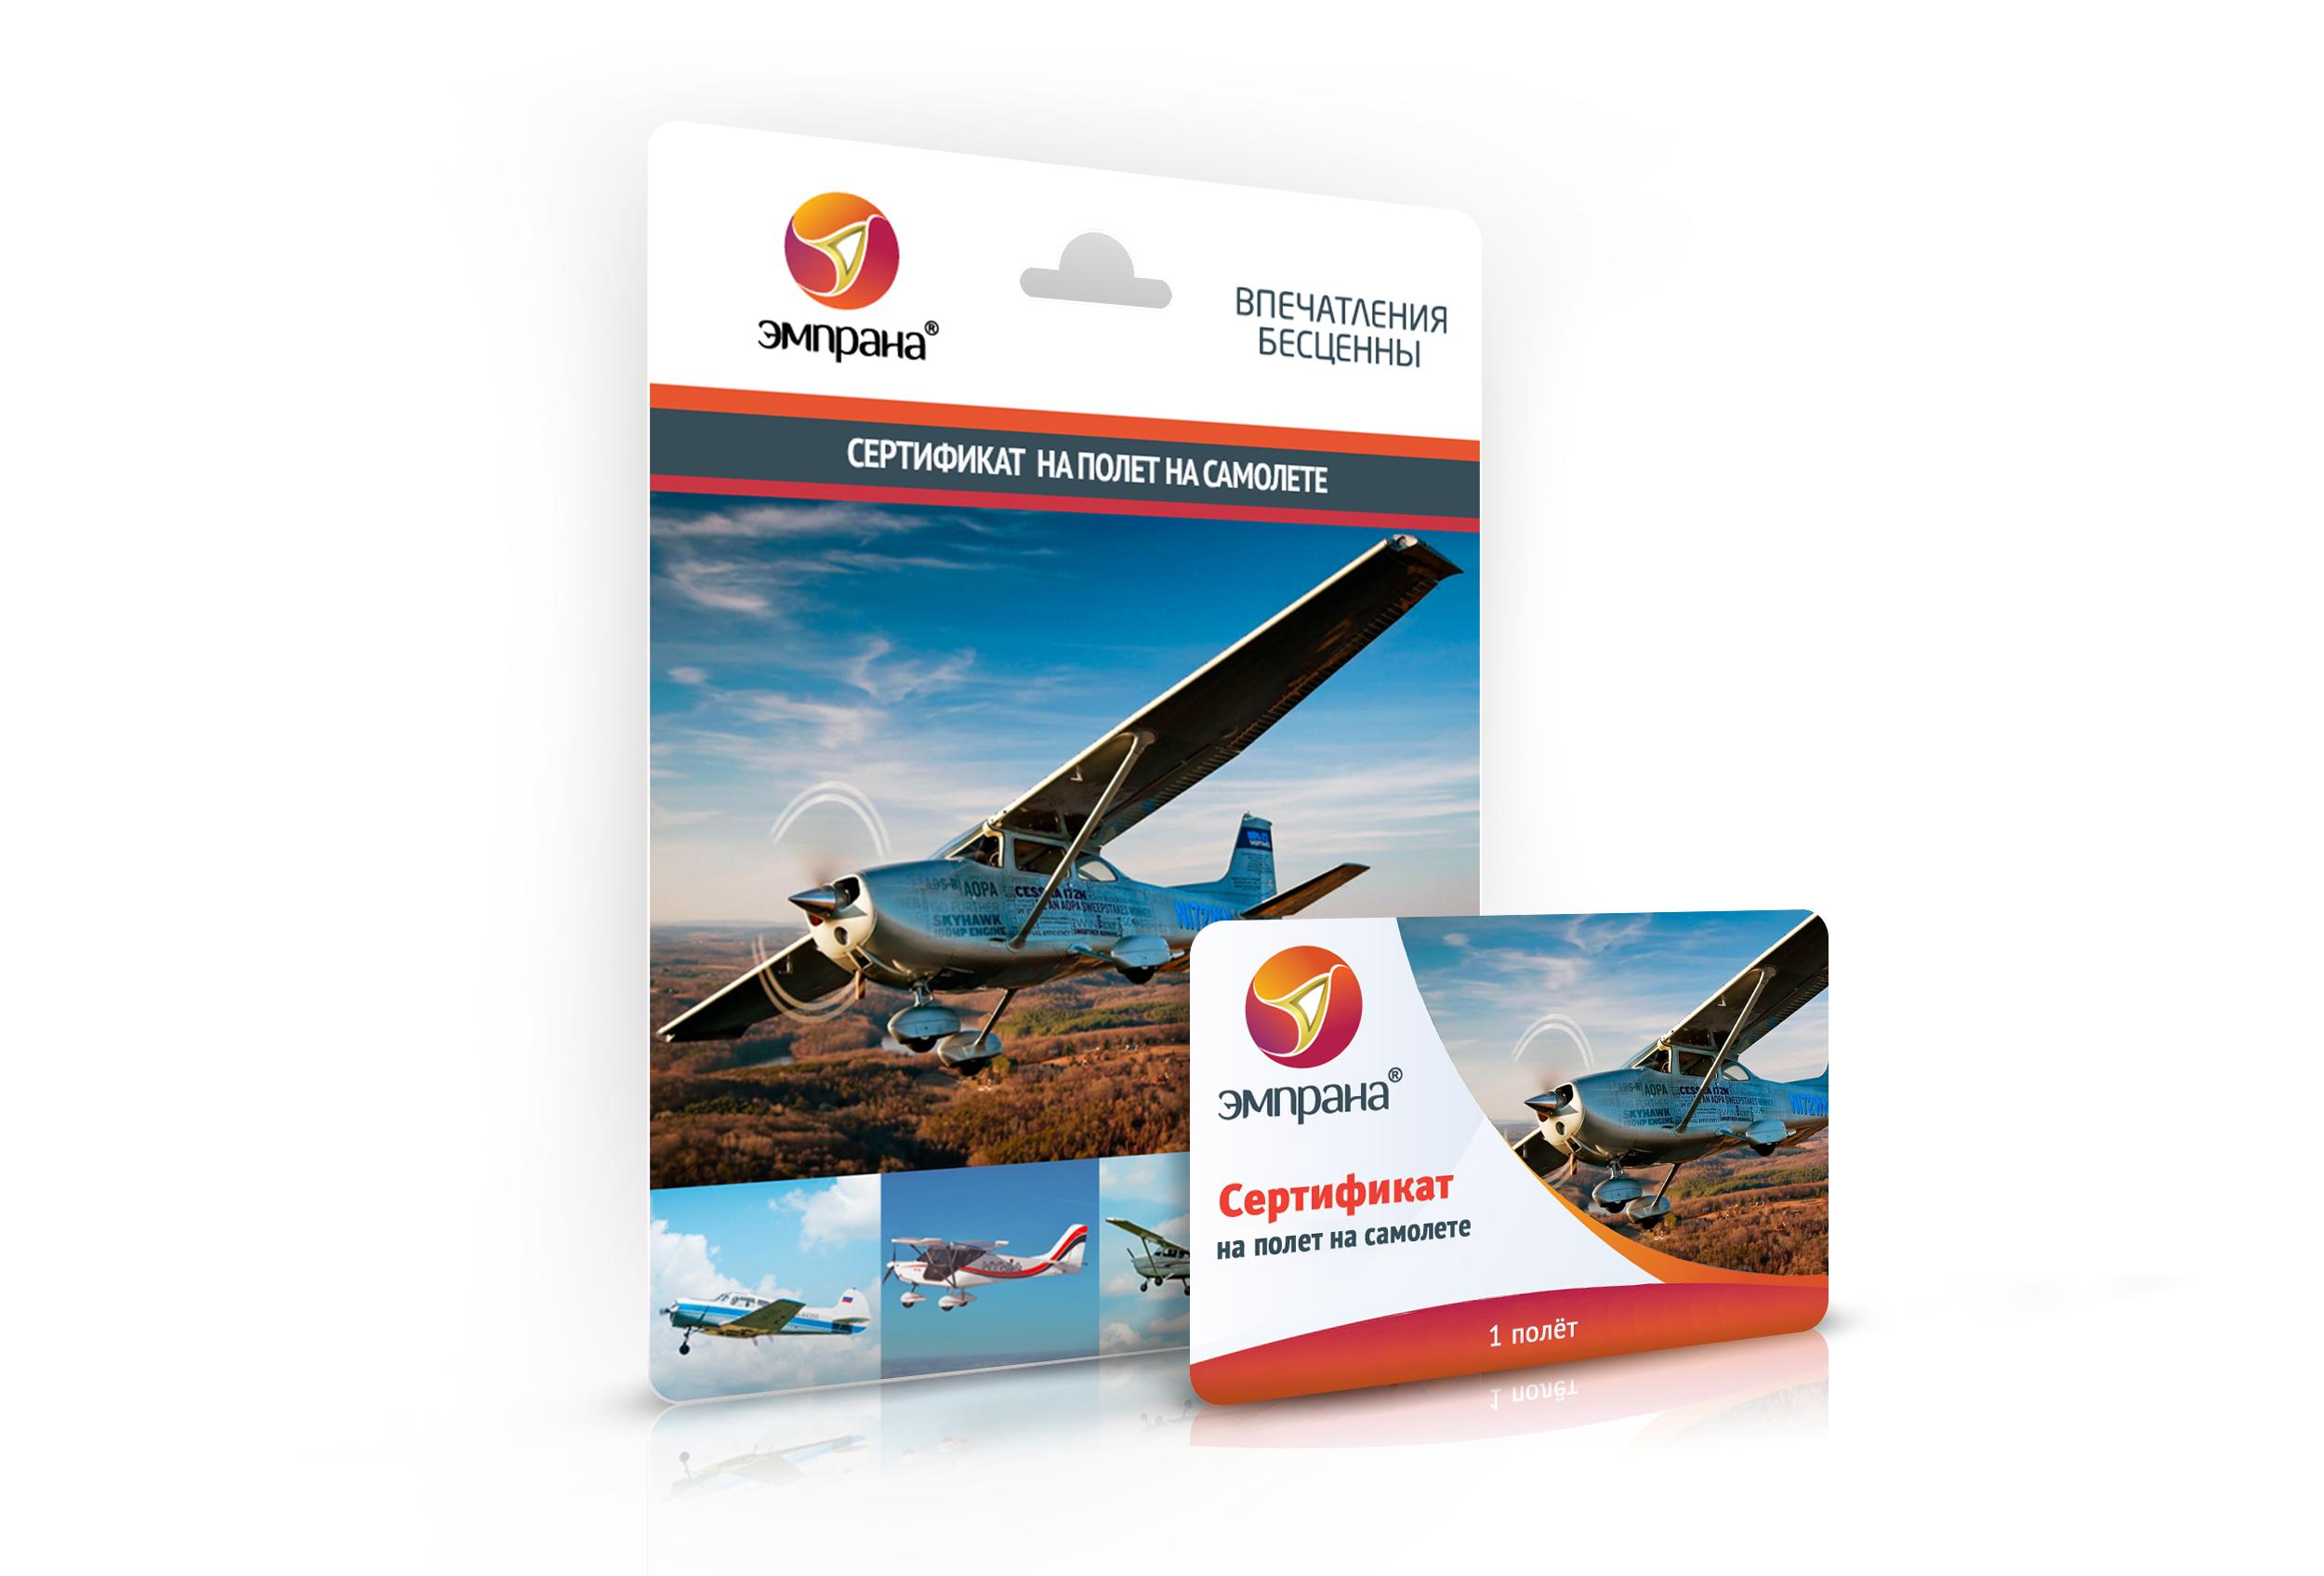 Сертификат на полет на самолете